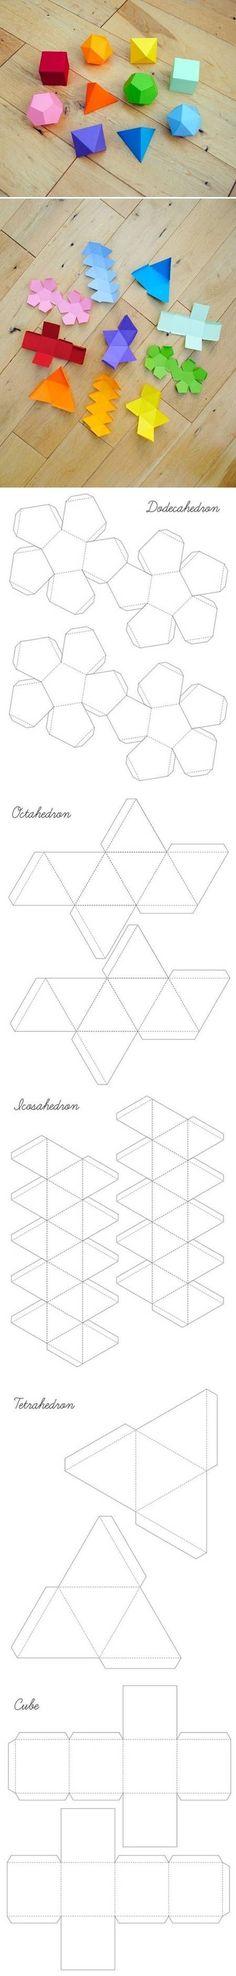 DIY Plantillas Caja geométricas DIY Plantillas Caja geométricas